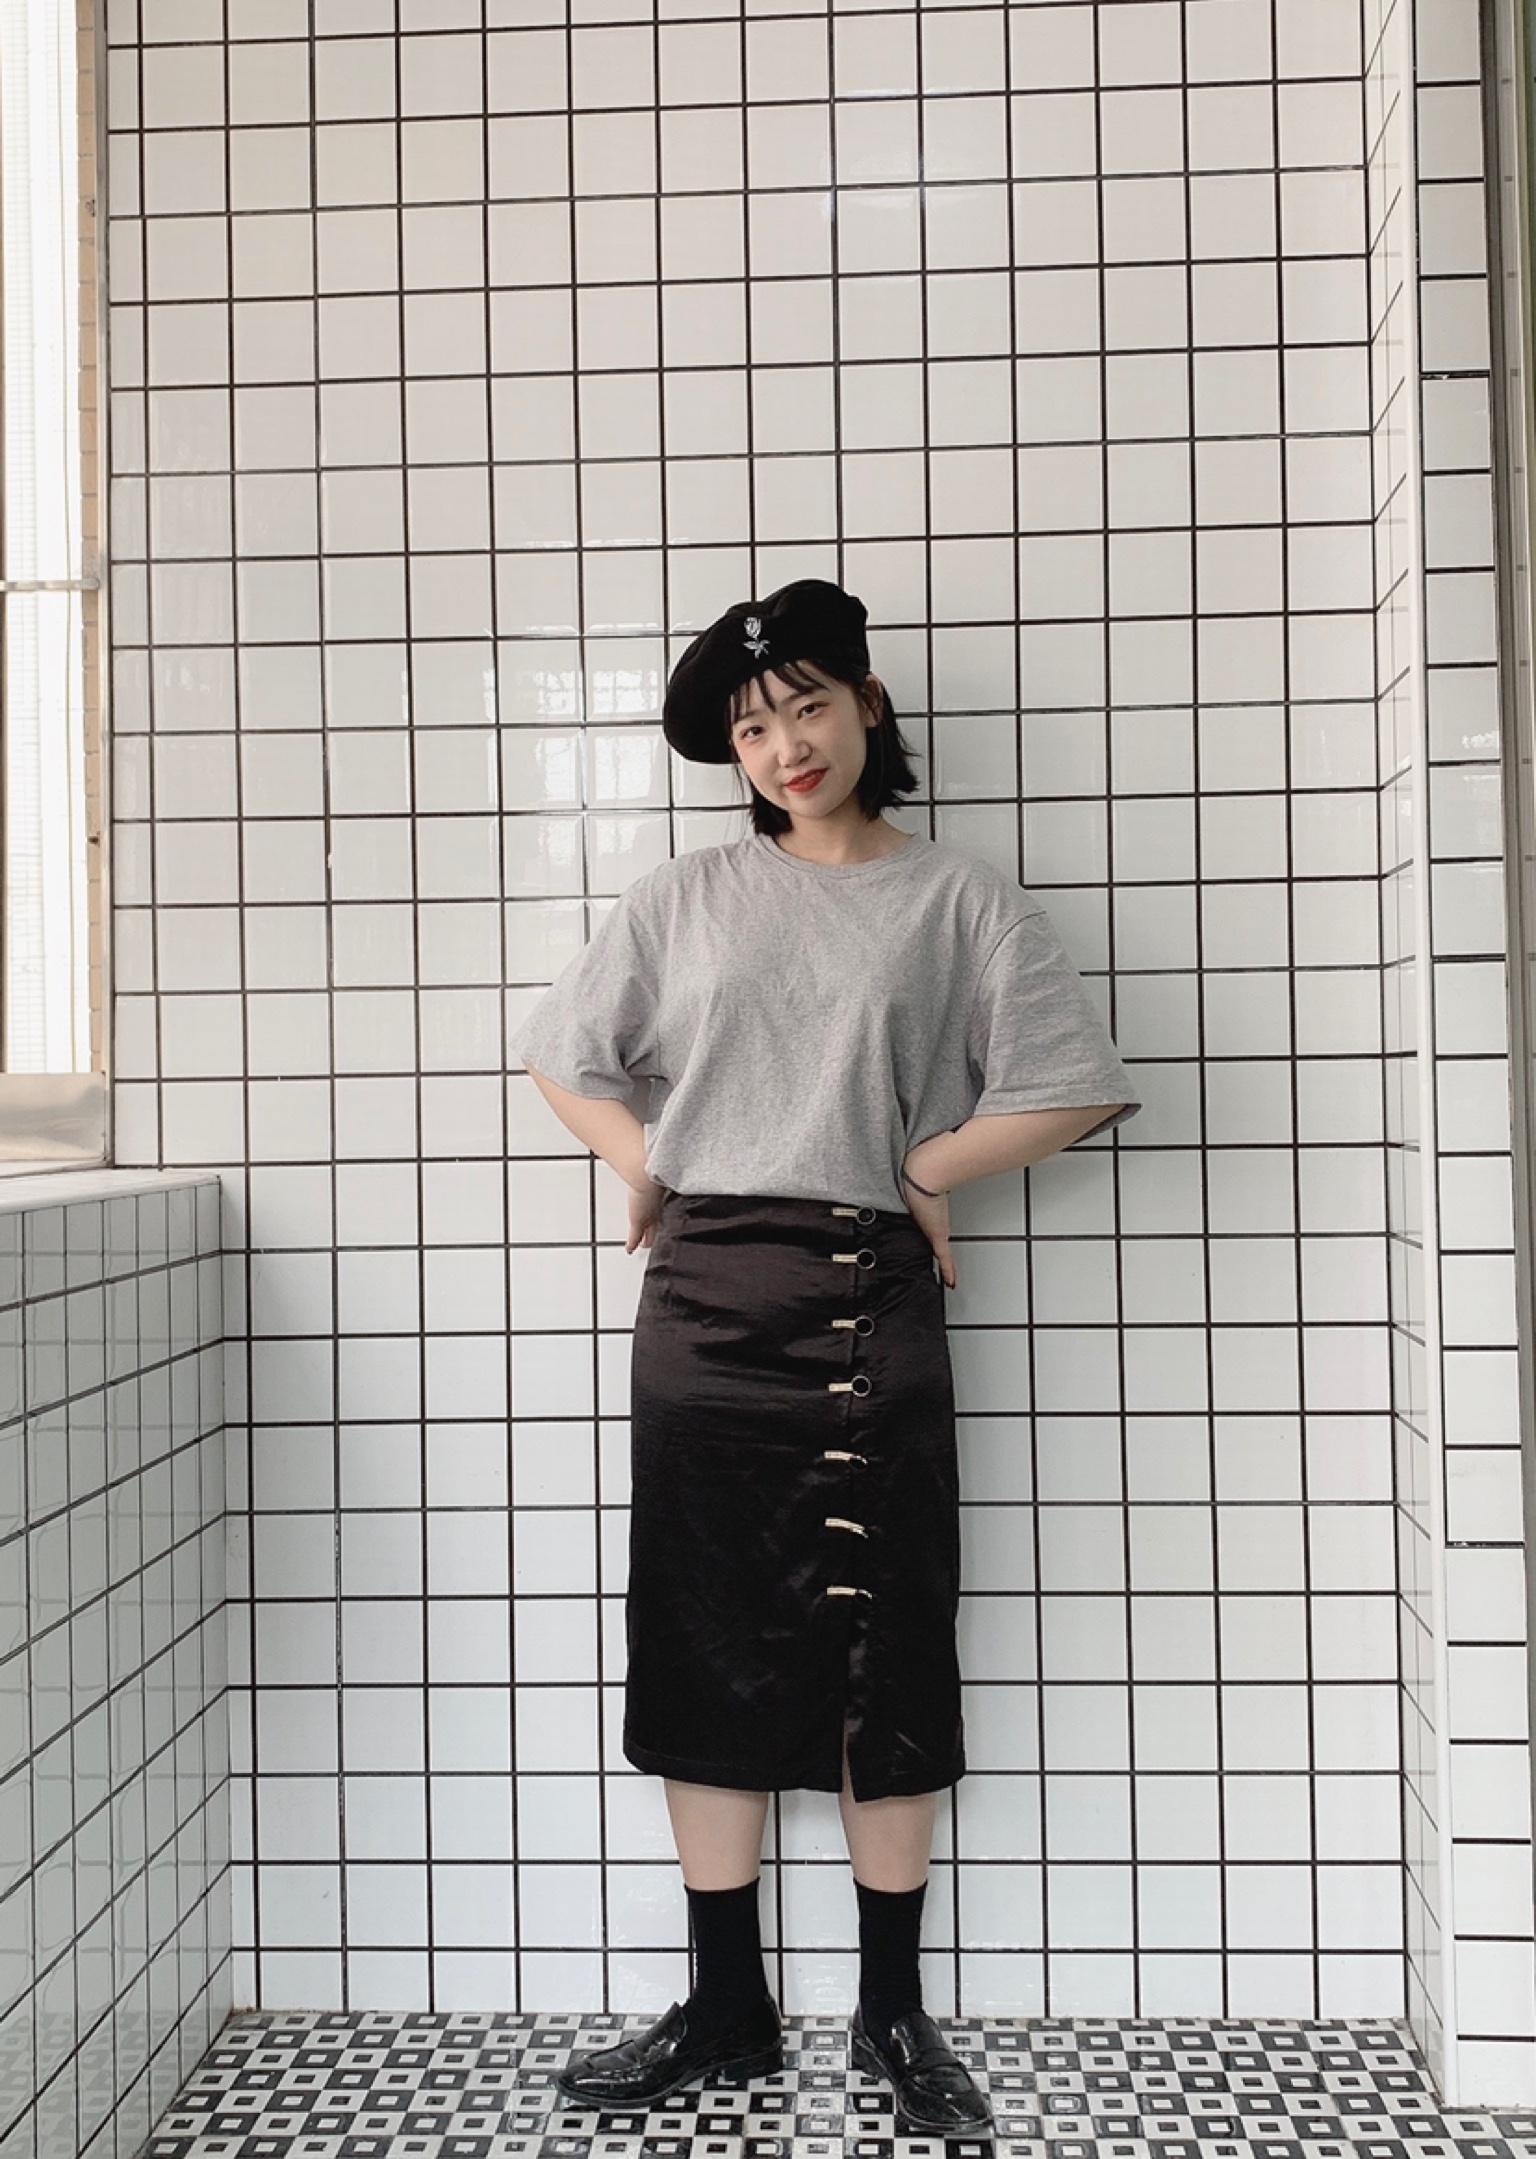 今日份穿搭:高腰半身裙,显腿长利器呀!上身再搭配一件基础T恤。戴一顶印花贝雷帽~温柔小姐姐上线⊂(˃̶͈̀ε ˂̶͈́ ⊂ )   #春日半裙显瘦第一名#